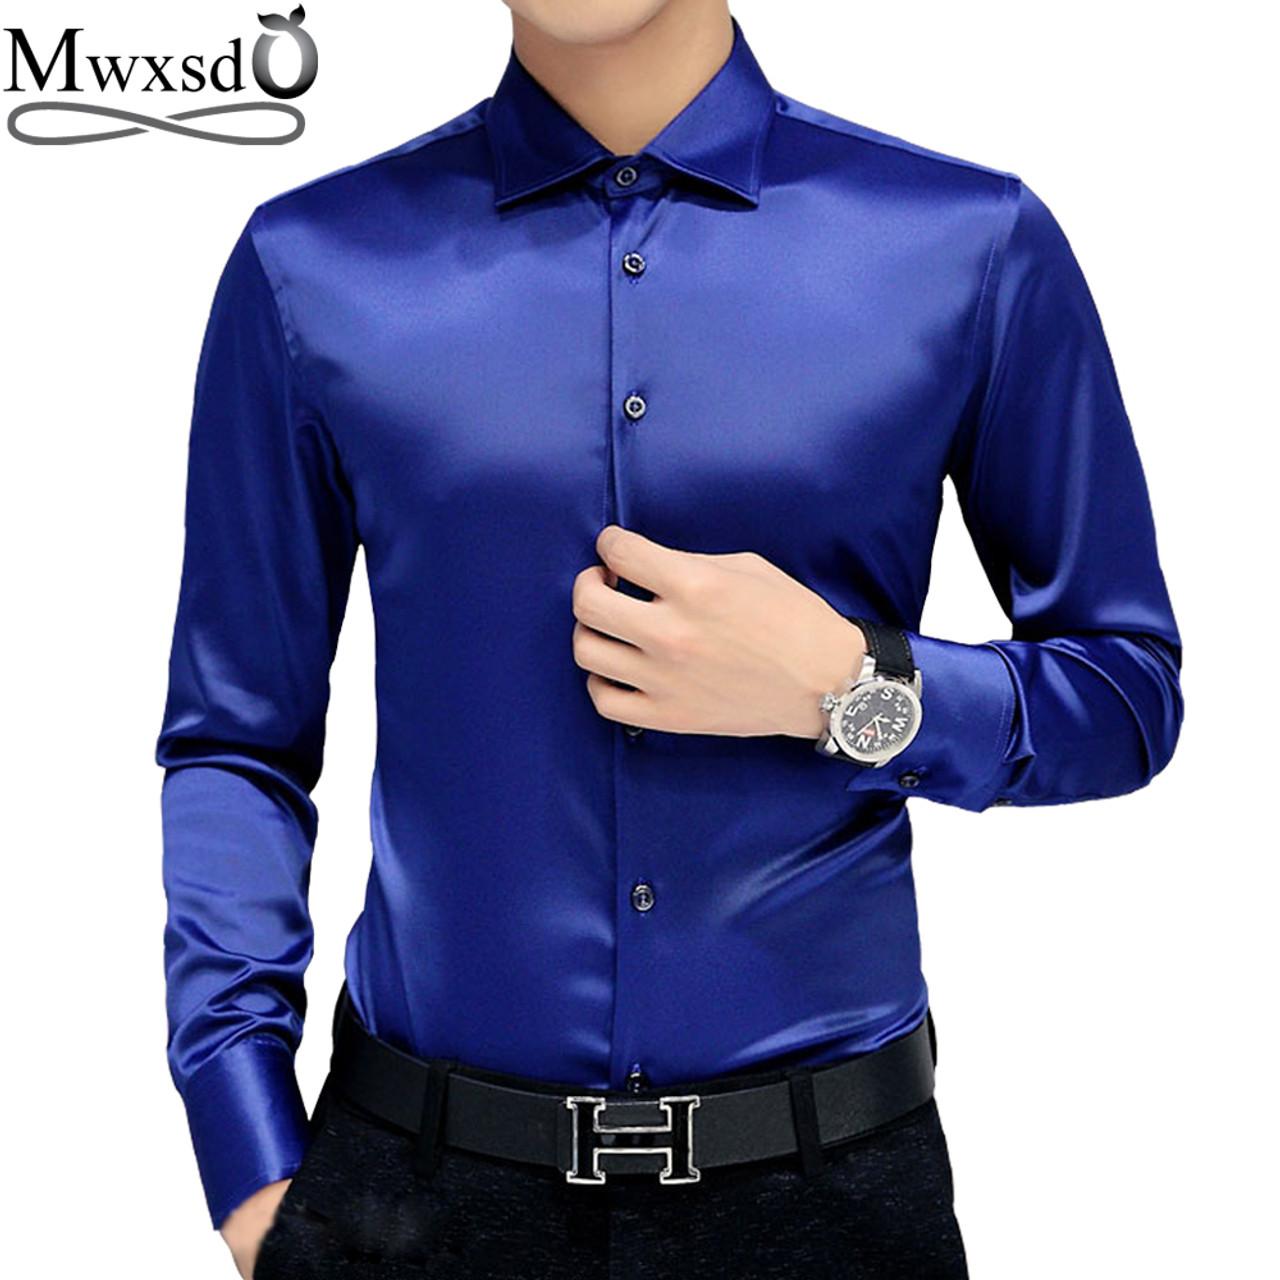 37f423a4068 Mwxsd brand Men s tuxedo dress Shirts Wedding Party Luxury Long Sleeve Shirt  Silk soft Shirt Men ...